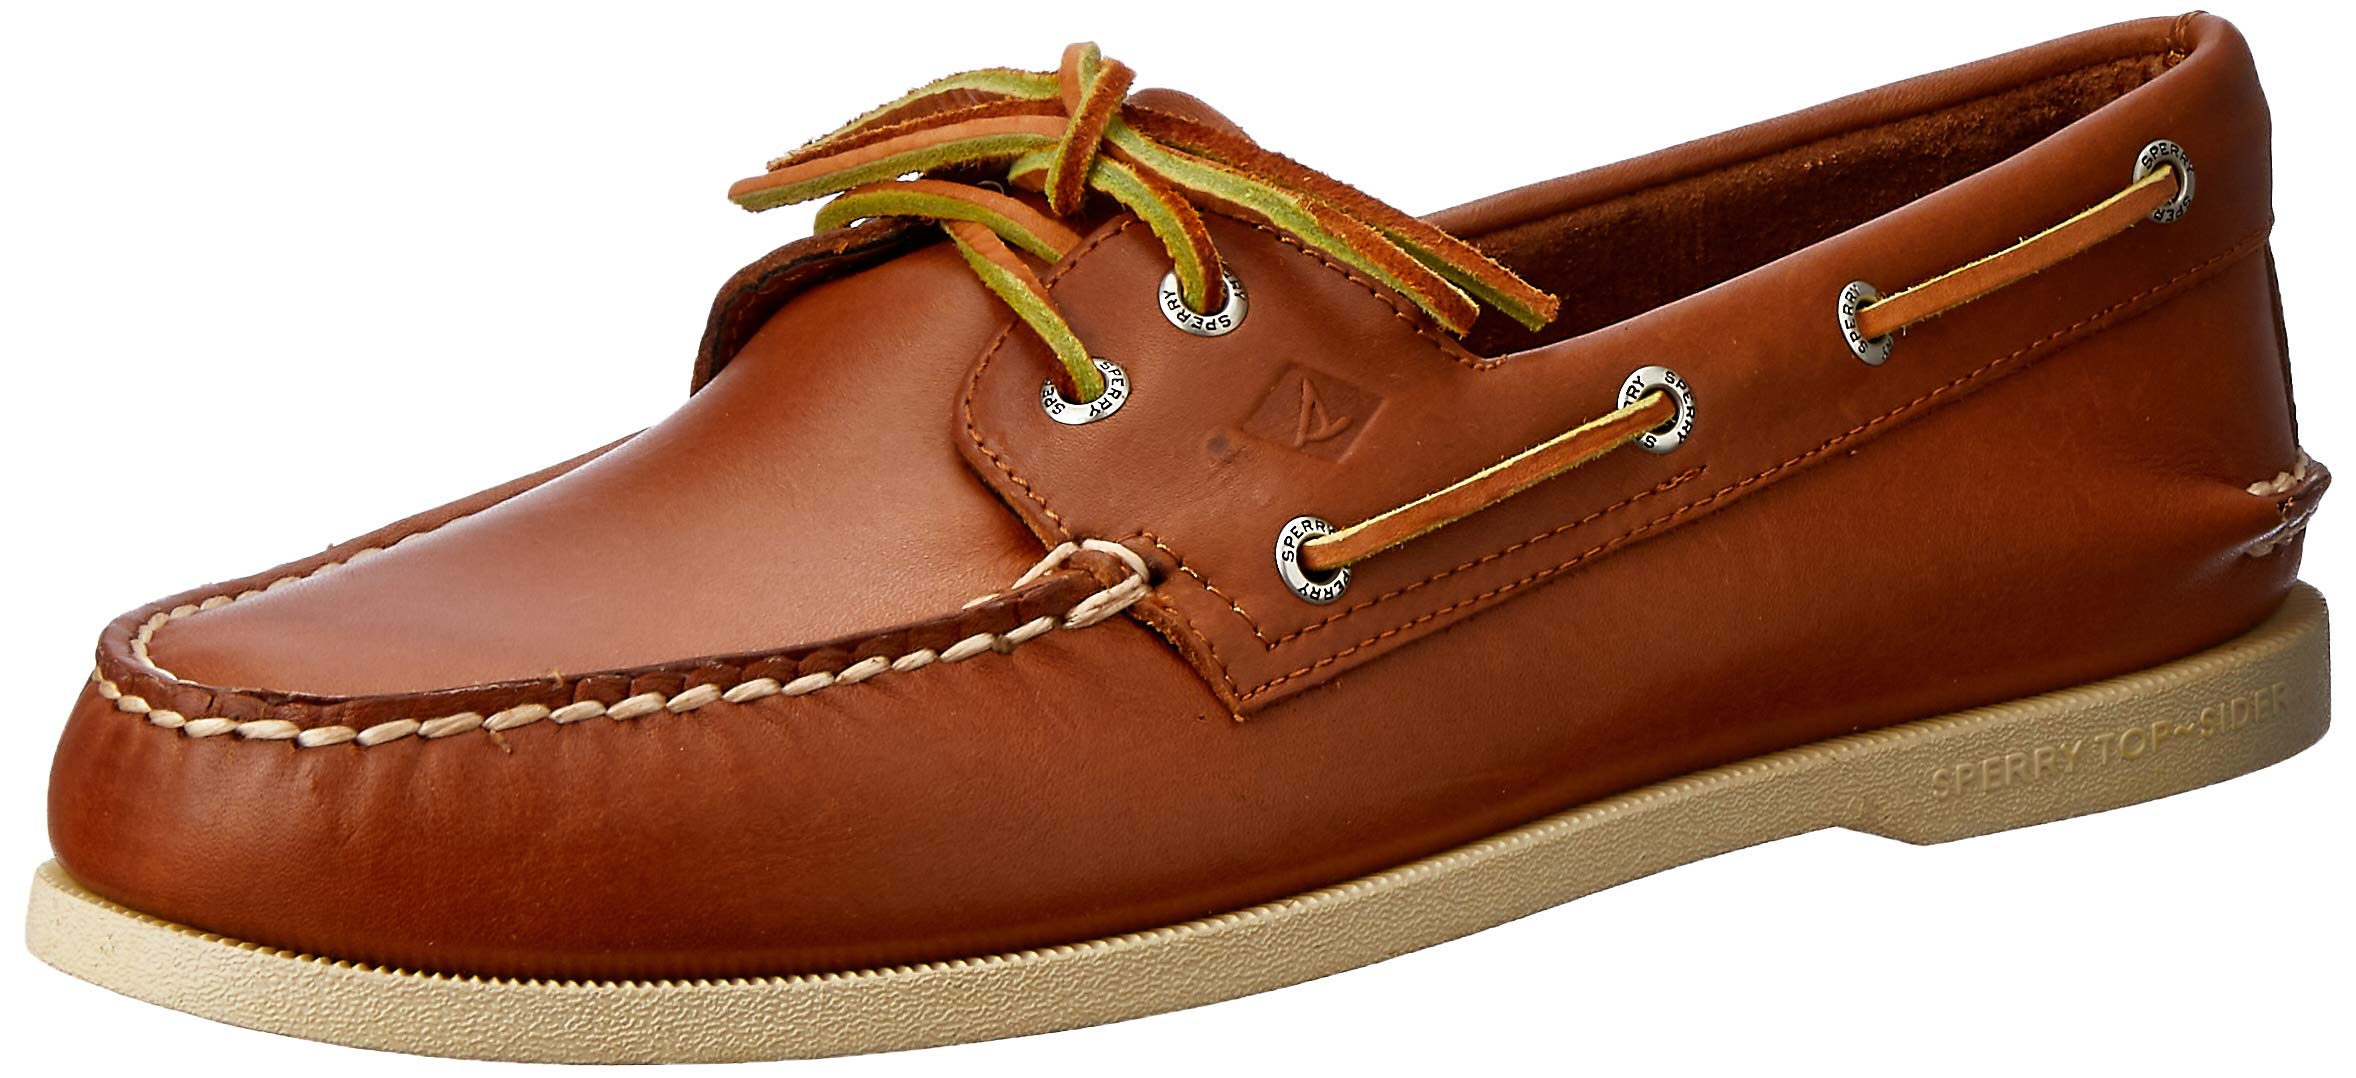 Sperry Men's A/O 2 Eye Boat Shoe,Tan,8.5 W US